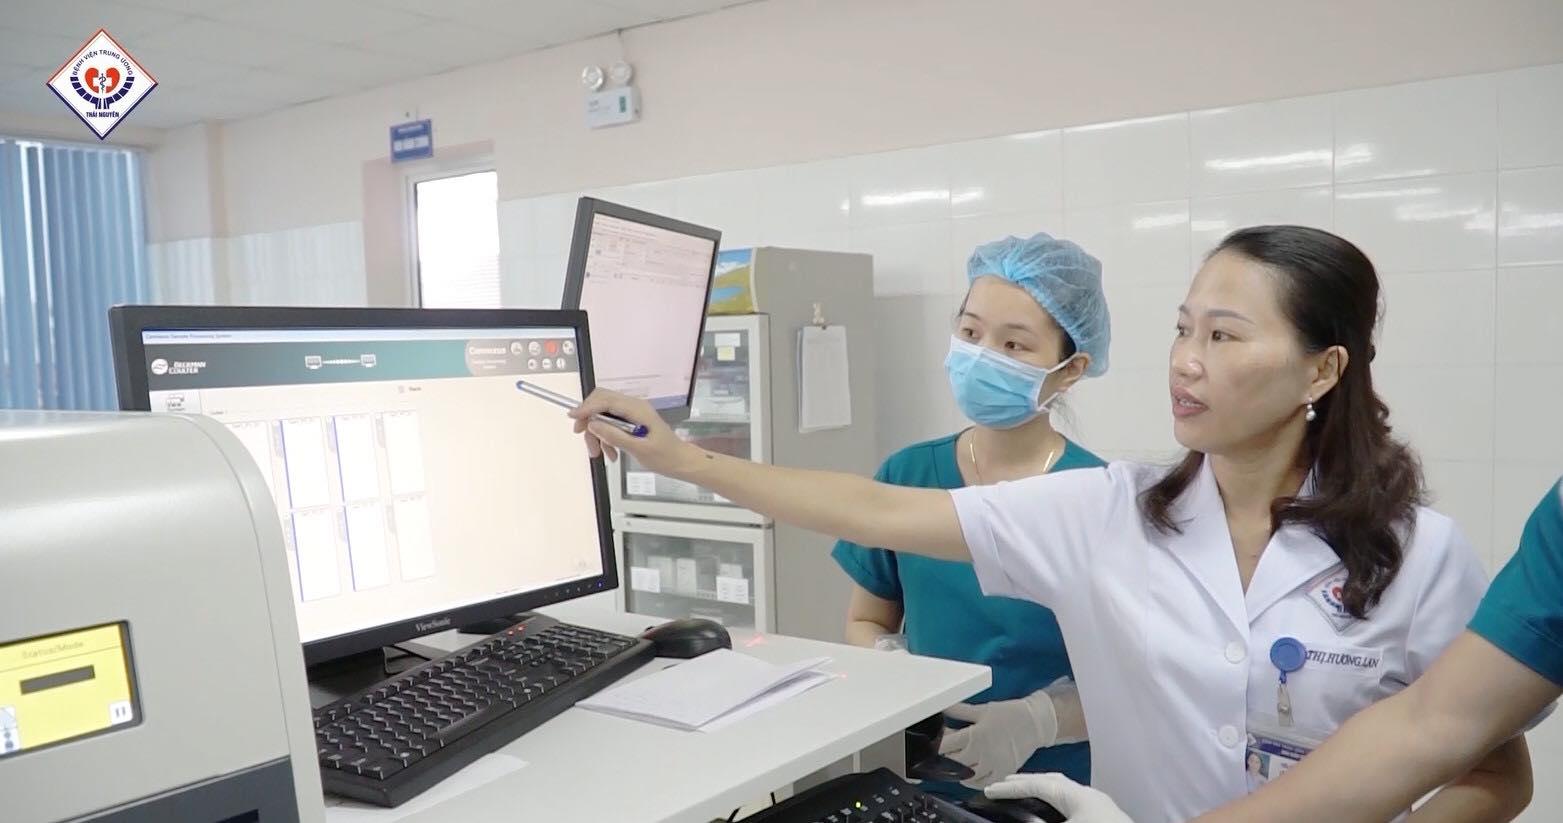 Định lượng CA 19-9 (Carbohydrate Antigen 19-9) huyết thanh phát hiện  và theo dõi điều trị ung thư tụy tại bệnh viện trung ương Thái Nguyên